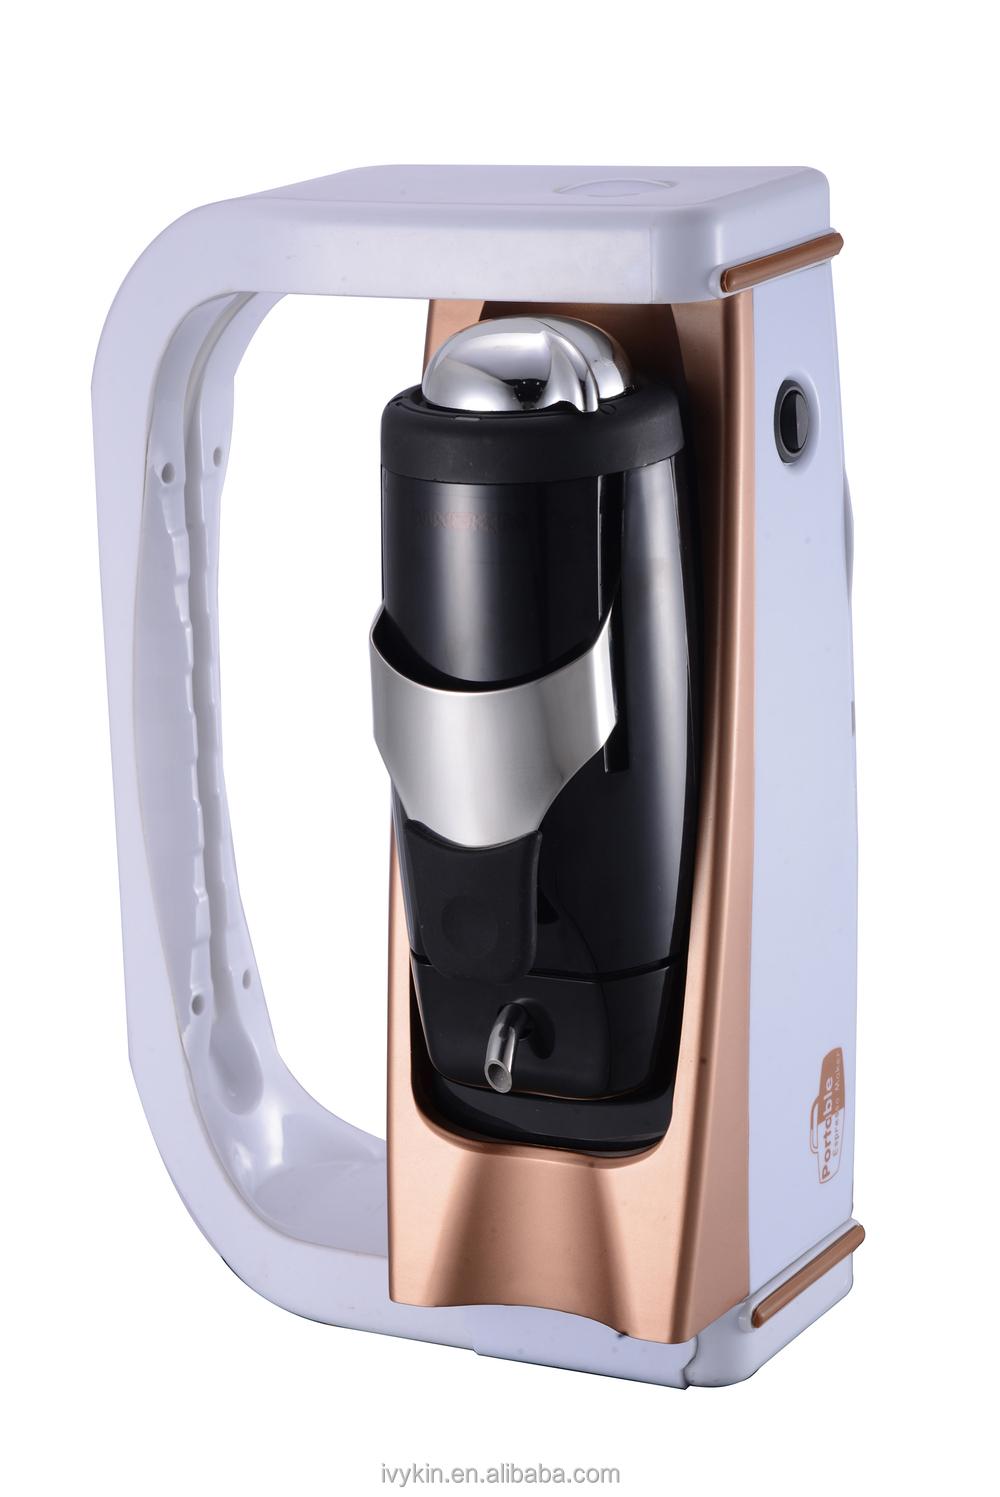 12 volt outdoor kaffeemaschine 12 v espressomaschine. Black Bedroom Furniture Sets. Home Design Ideas